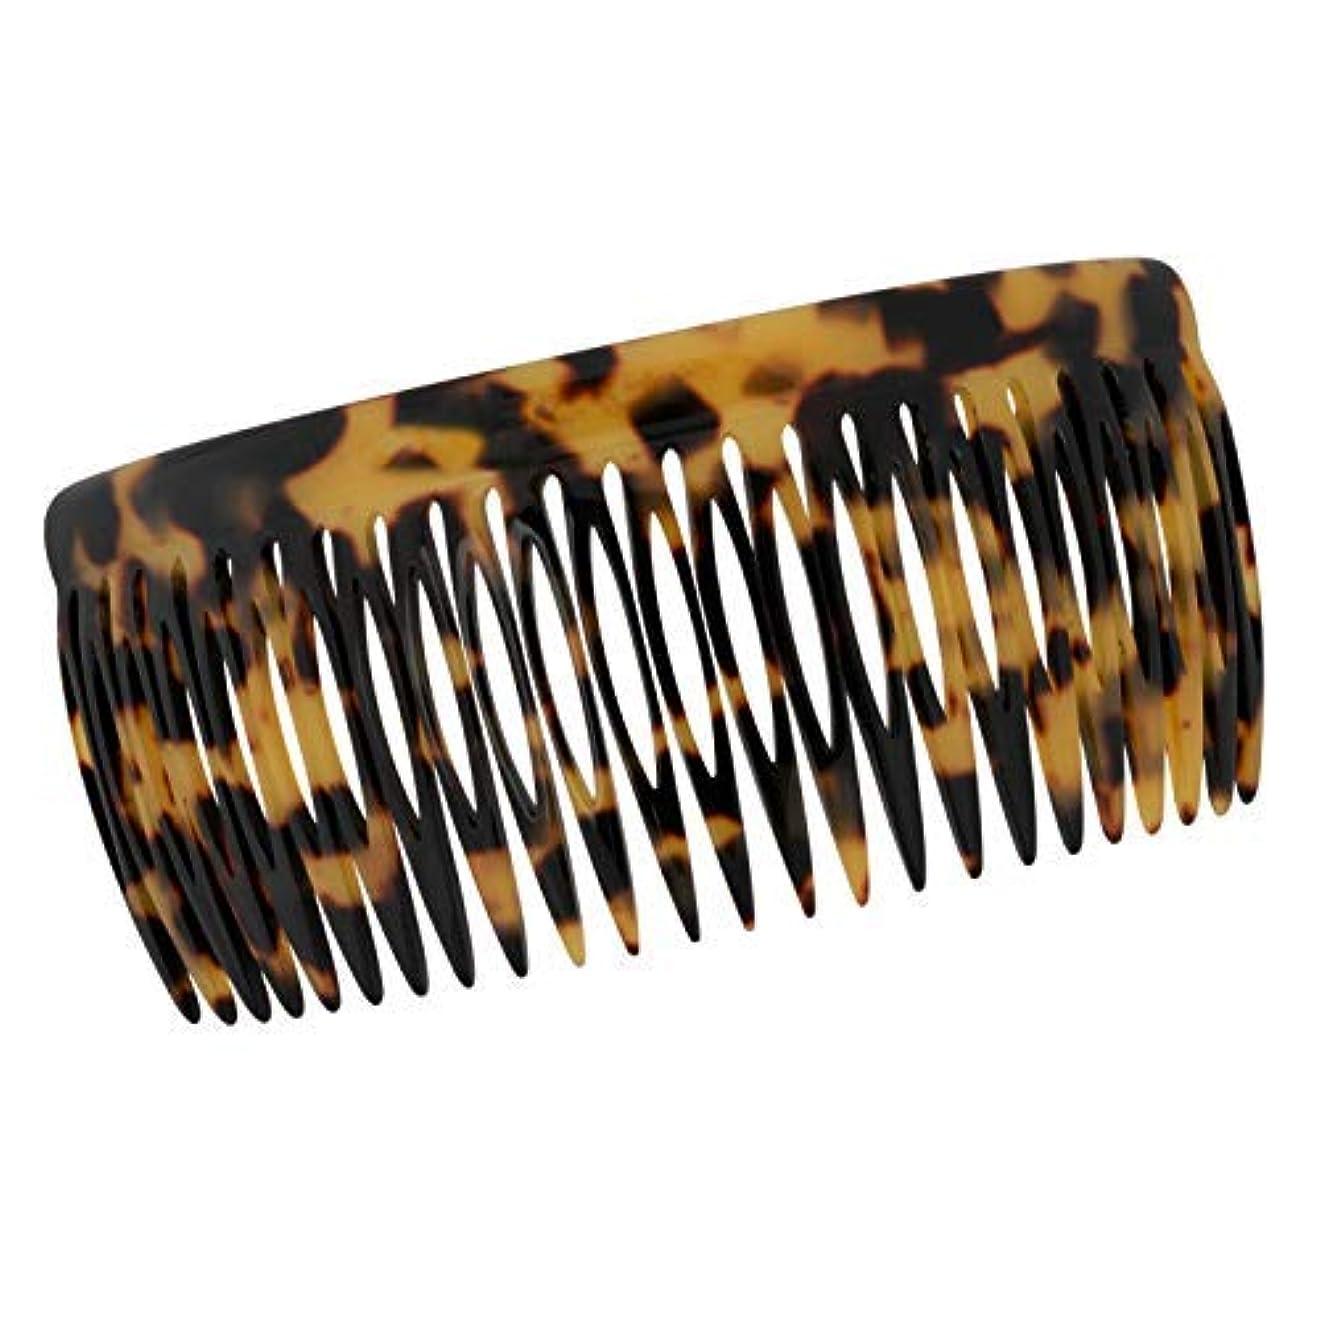 水を飲む骨髄スイッチCharles J. Wahba Long Classic Long Side Comb - 24 Teeth - Handmade in France (Tokyo Tortoise Color) [並行輸入品]